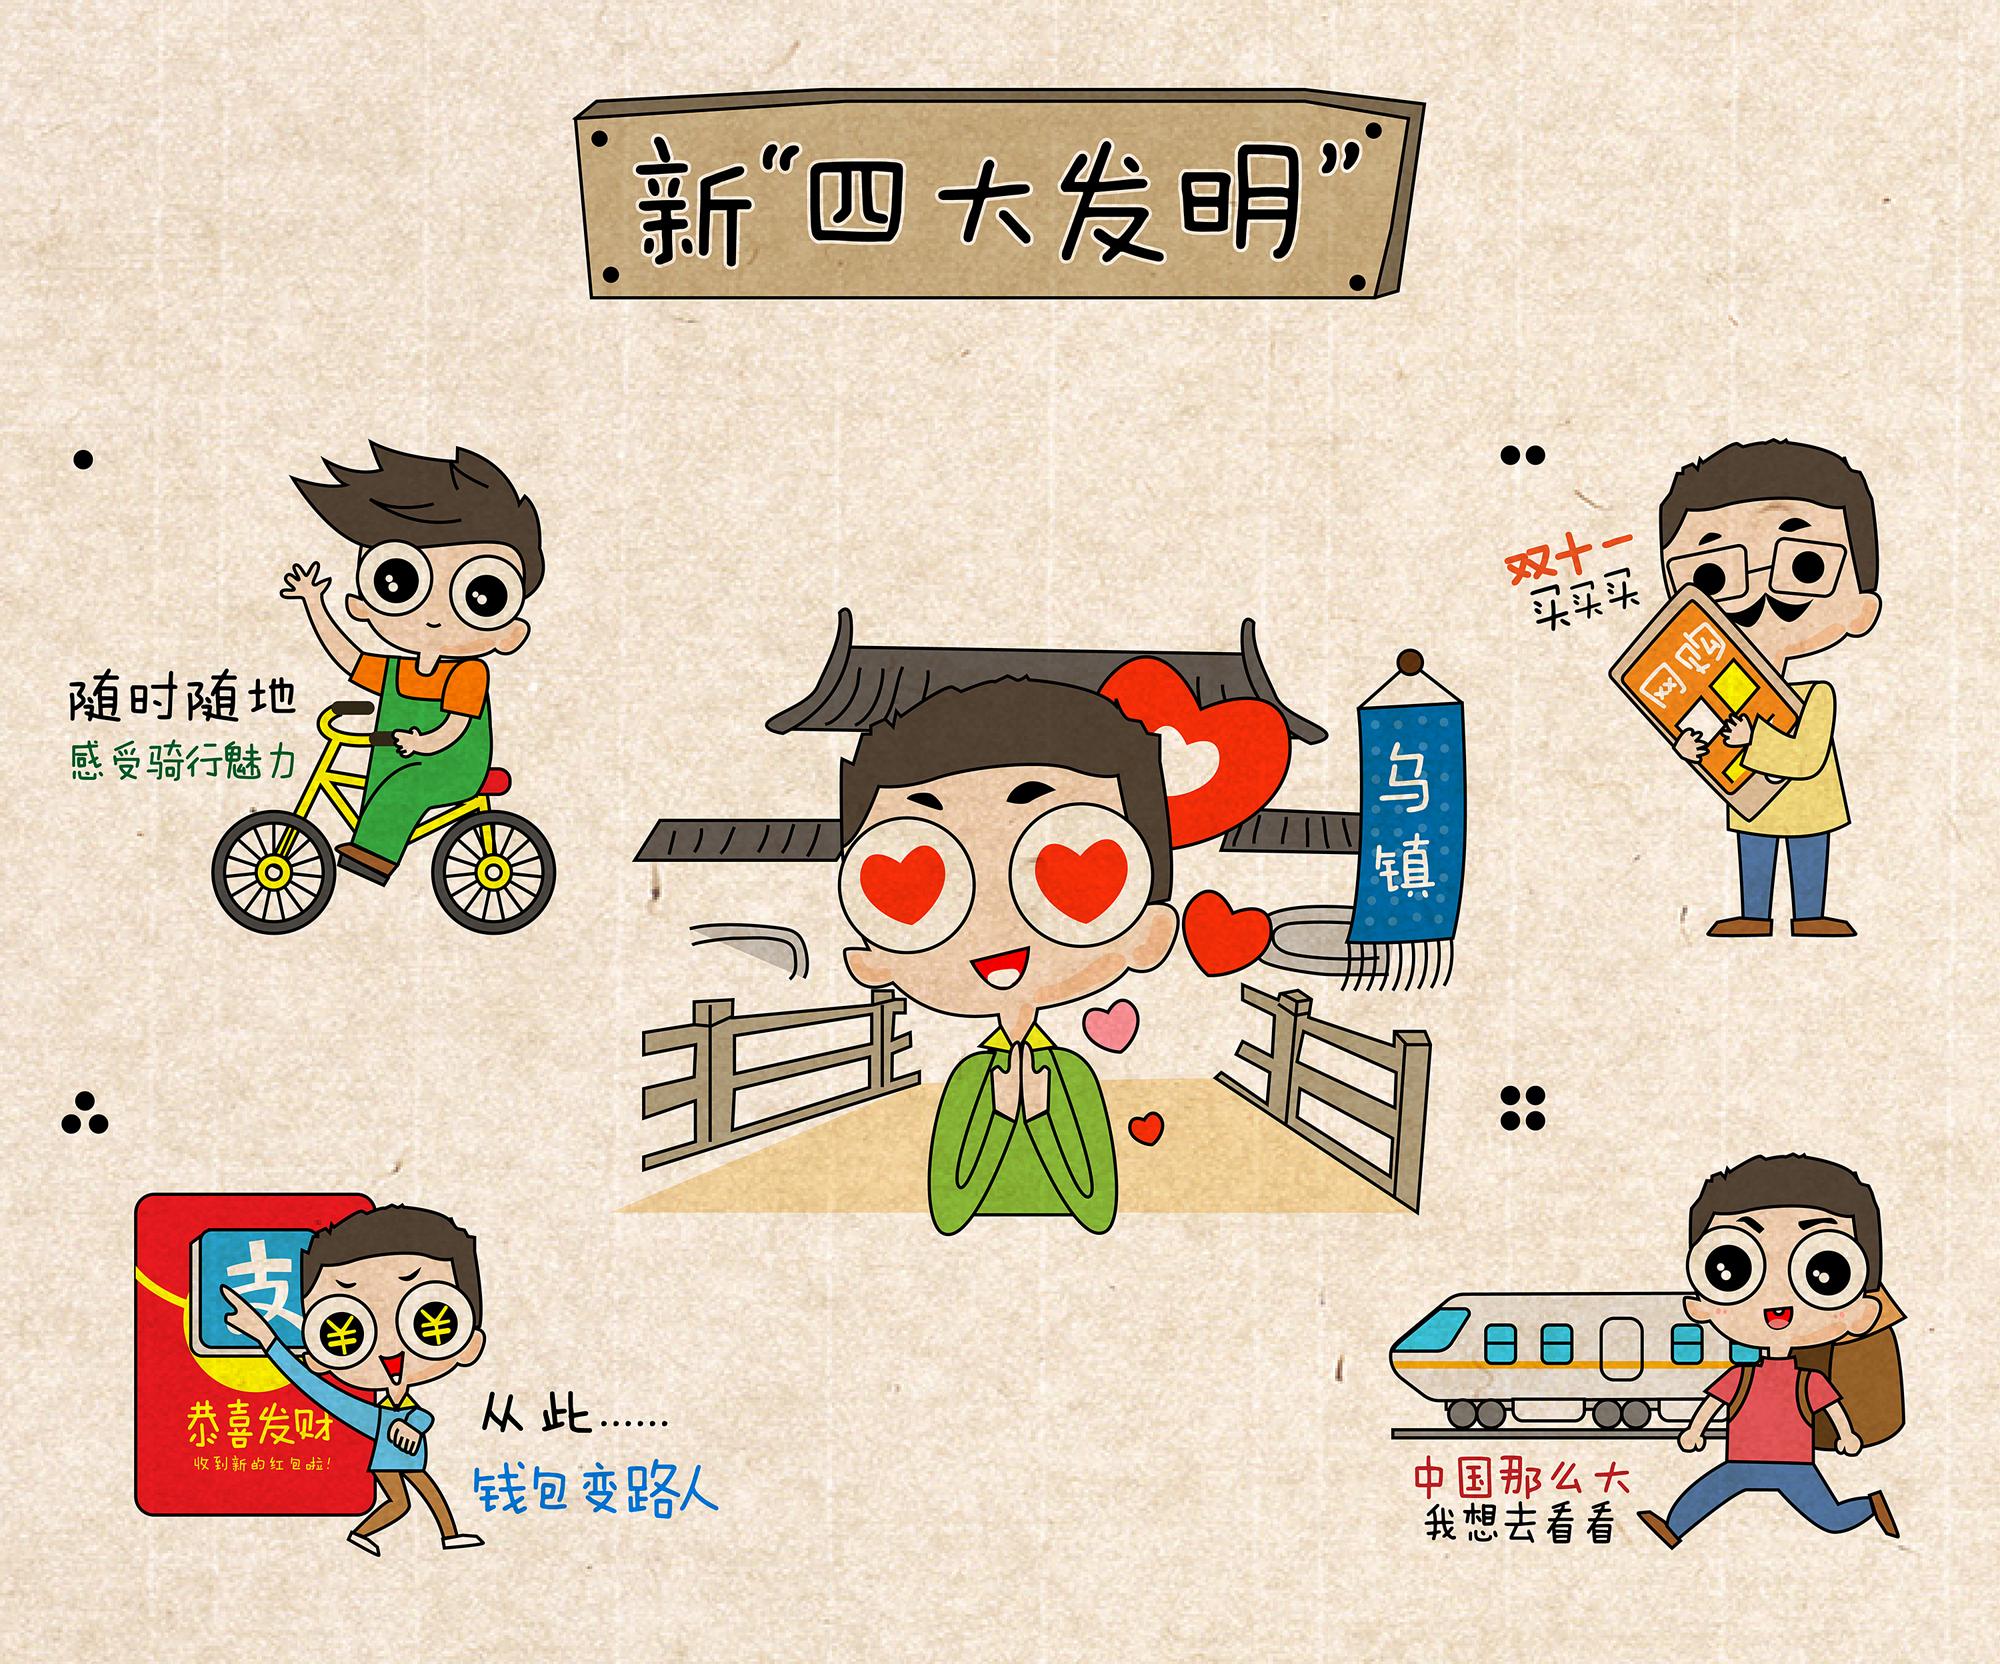 中国宁波网金雅男作品《新四大发明》